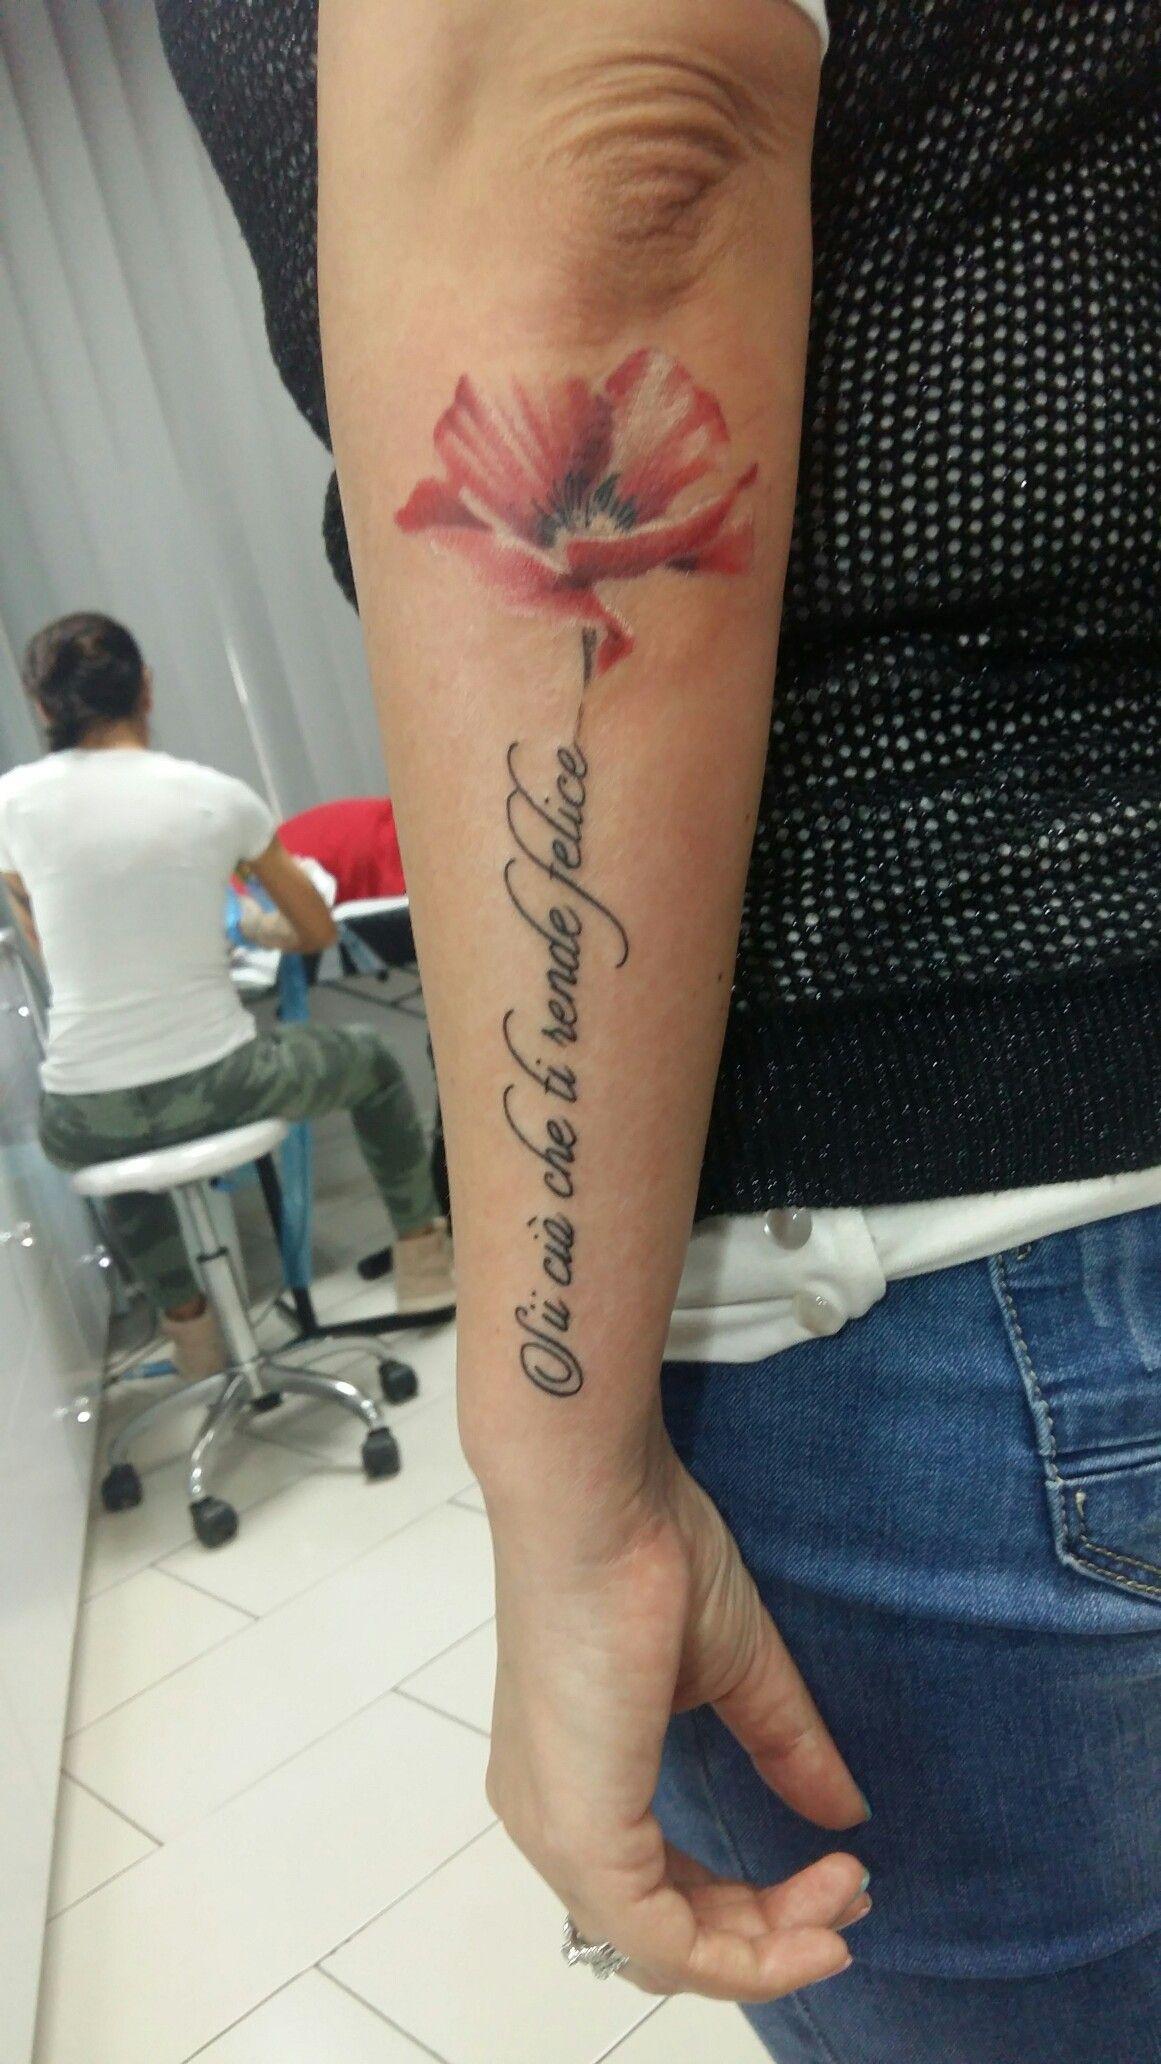 Tatuażmaknapis Tattoo Art Pinterest Tattoos I Art